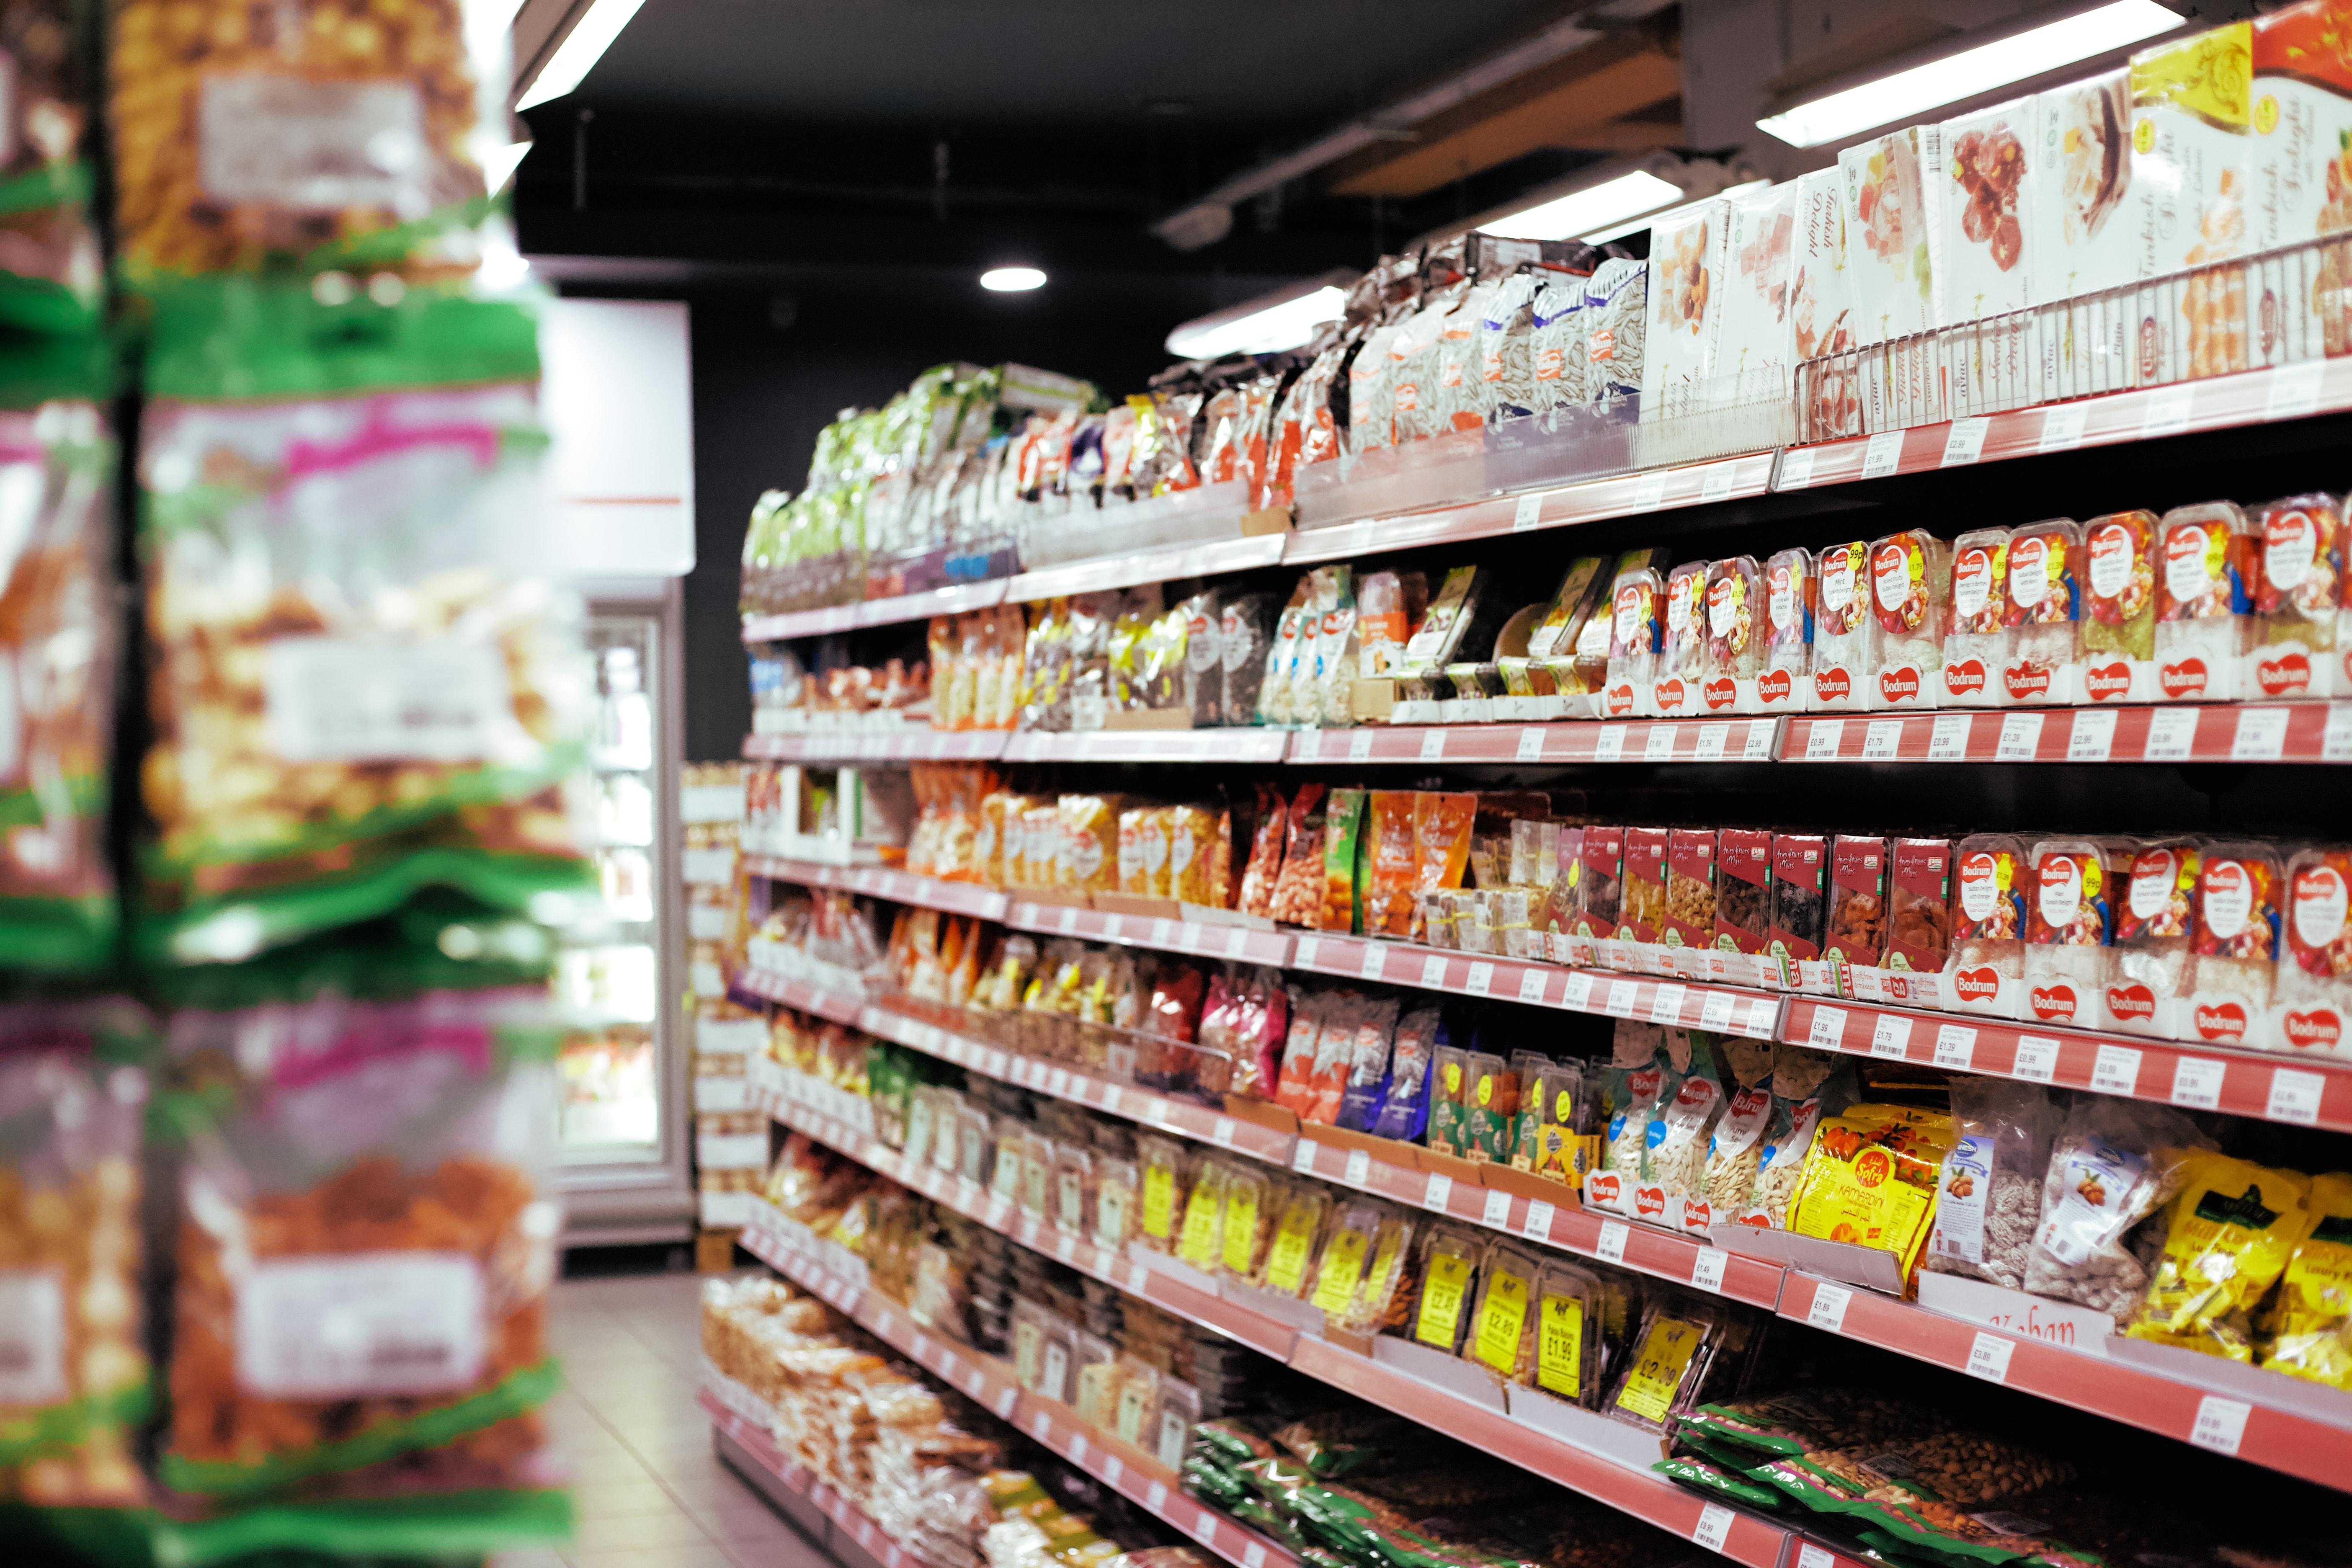 Coronavirus: 10 recomendaciones para hacer las compras sin riesgos